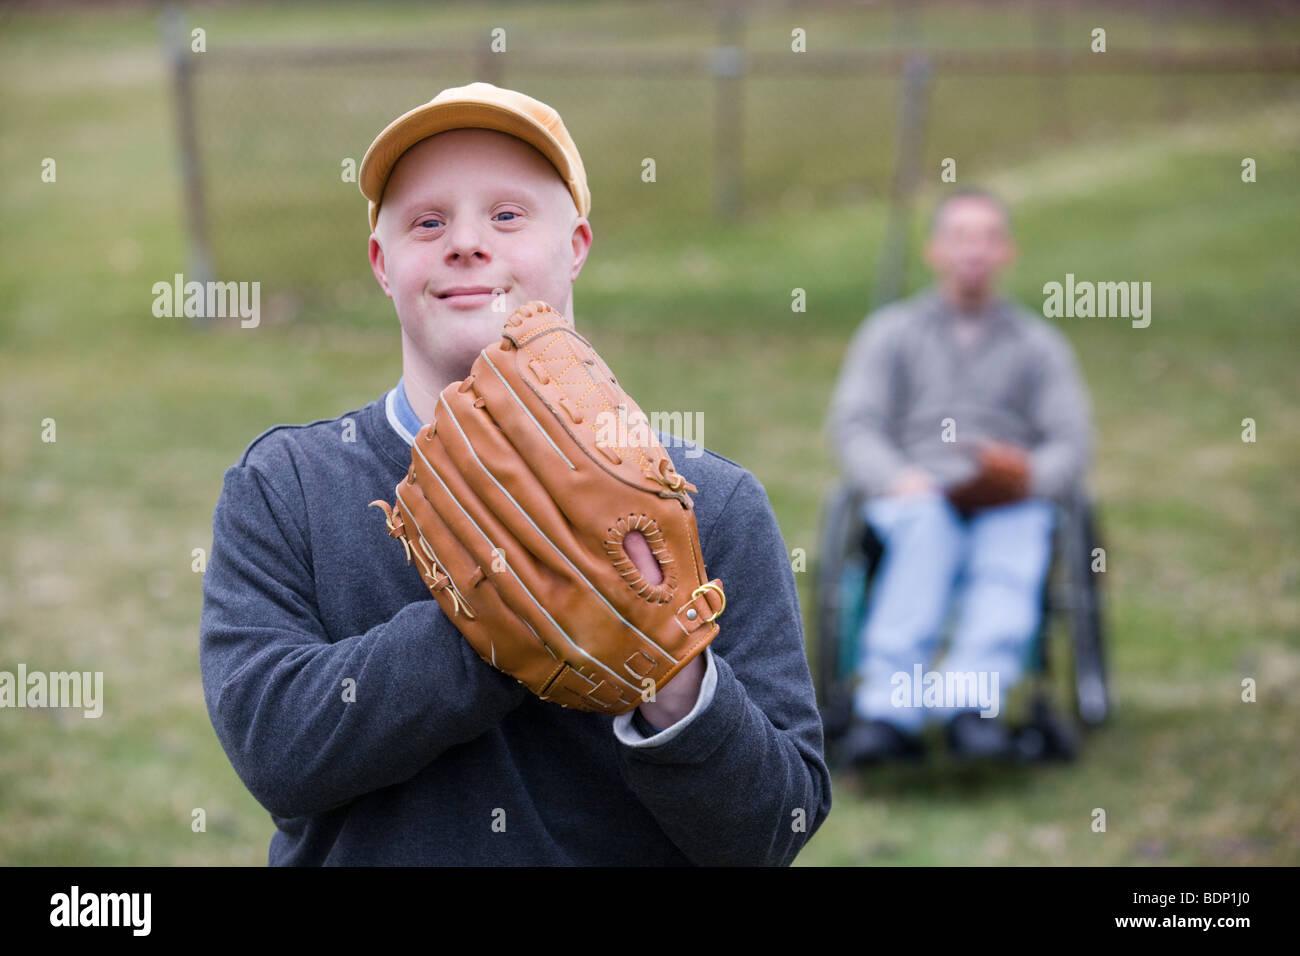 Mann trägt ein Baseballhandschuh Stockbild